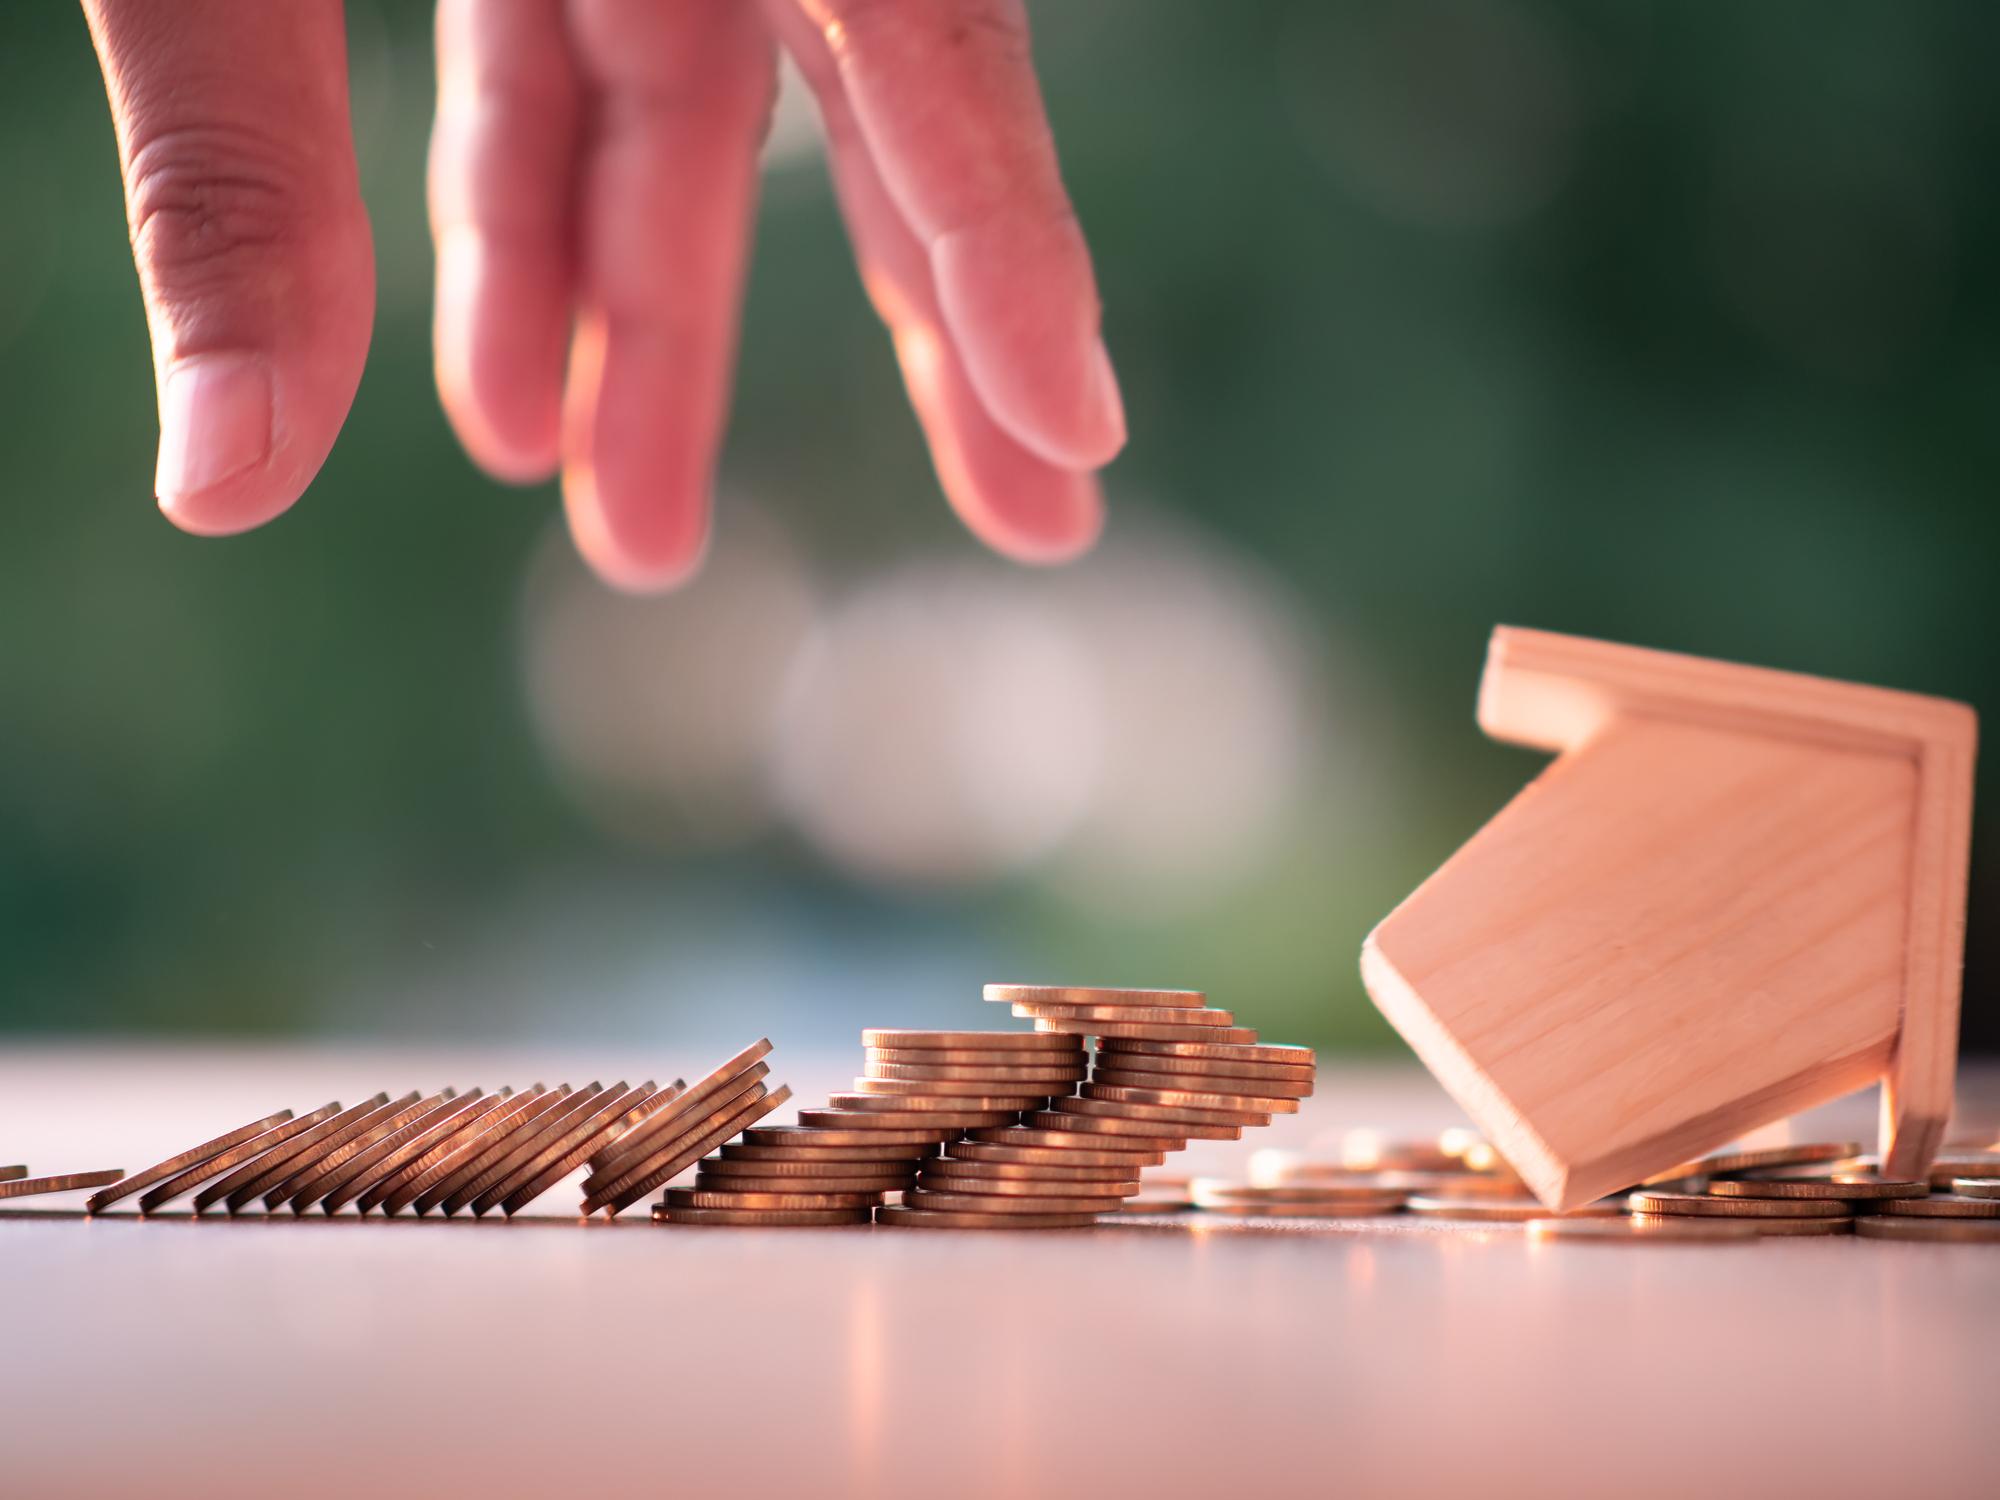 Hvordan finne det beste lånet når man skal refinansiere